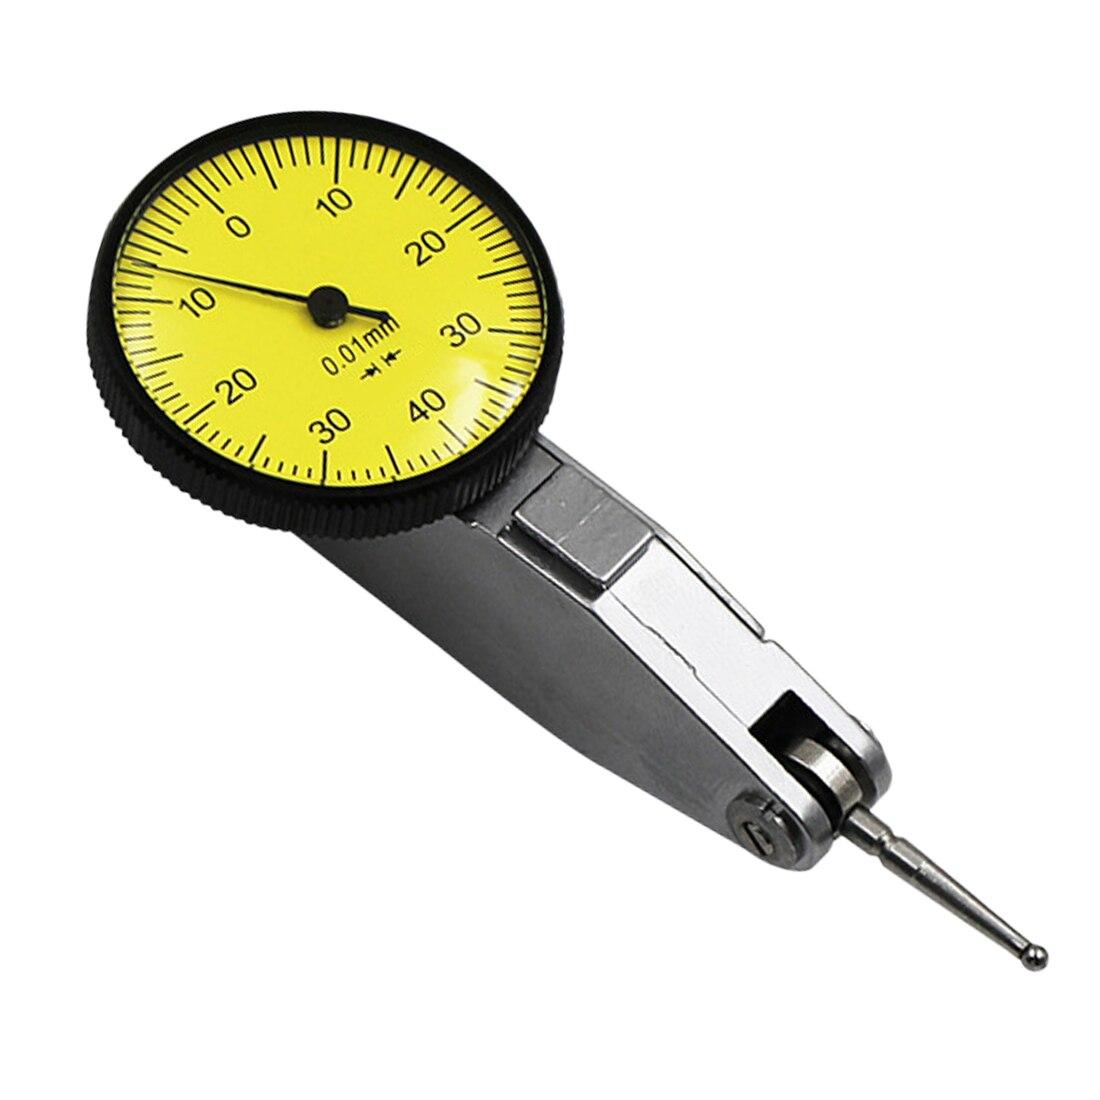 1 unidad 0-0,8mm Dial indicador de prueba soporte indicador impermeable instrumento de medición preciso 0,01mm herramienta de instrumento Sofirn SP33 potente linterna LED 26650 Cree XHP50 3000lm linterna táctica 18650 luz de Flash 6 modos con actualización de luz indicadora